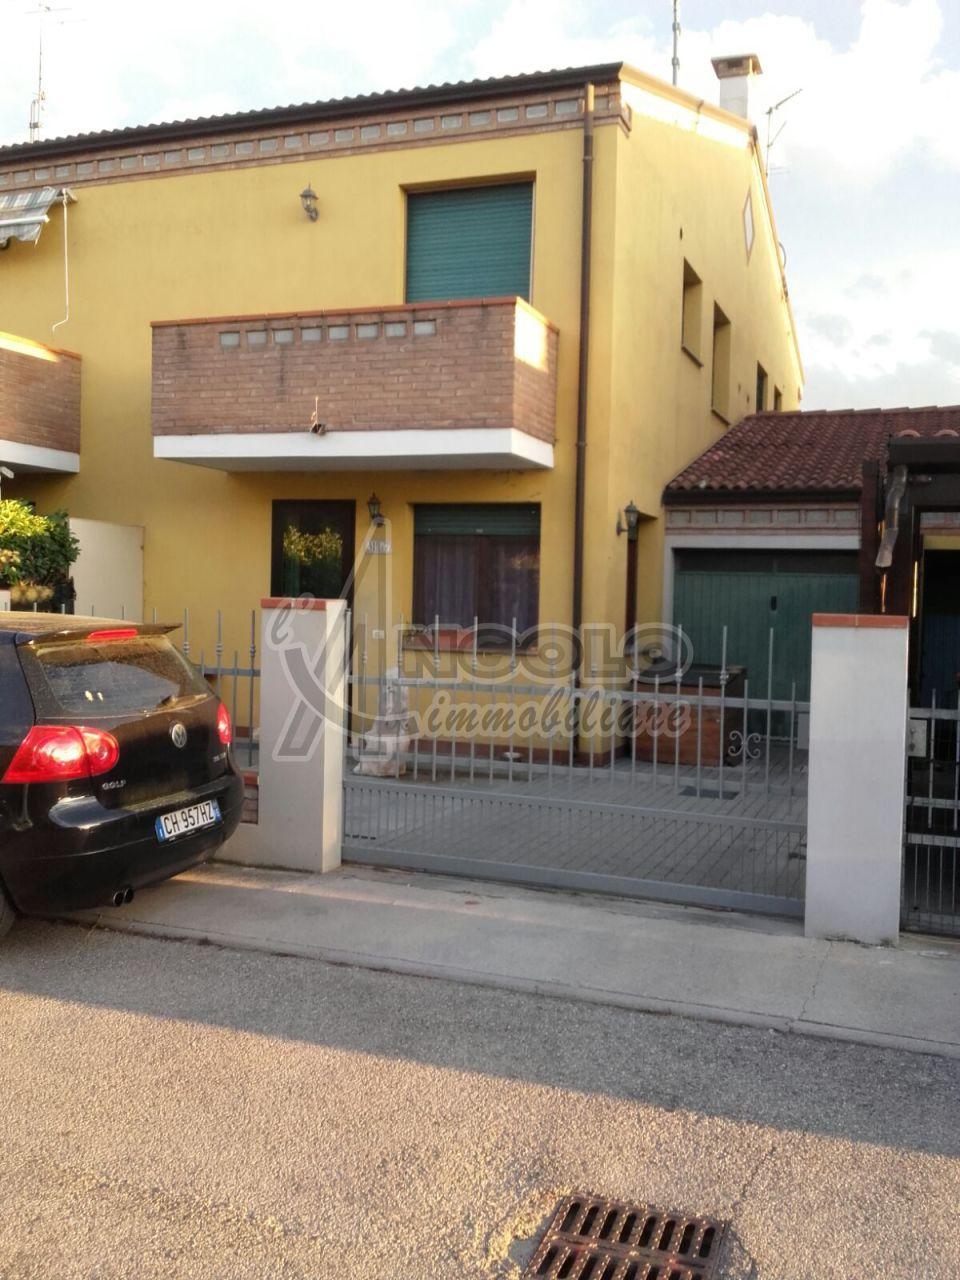 Villa in vendita a Occhiobello, 6 locali, prezzo € 98.000 | Cambio Casa.it